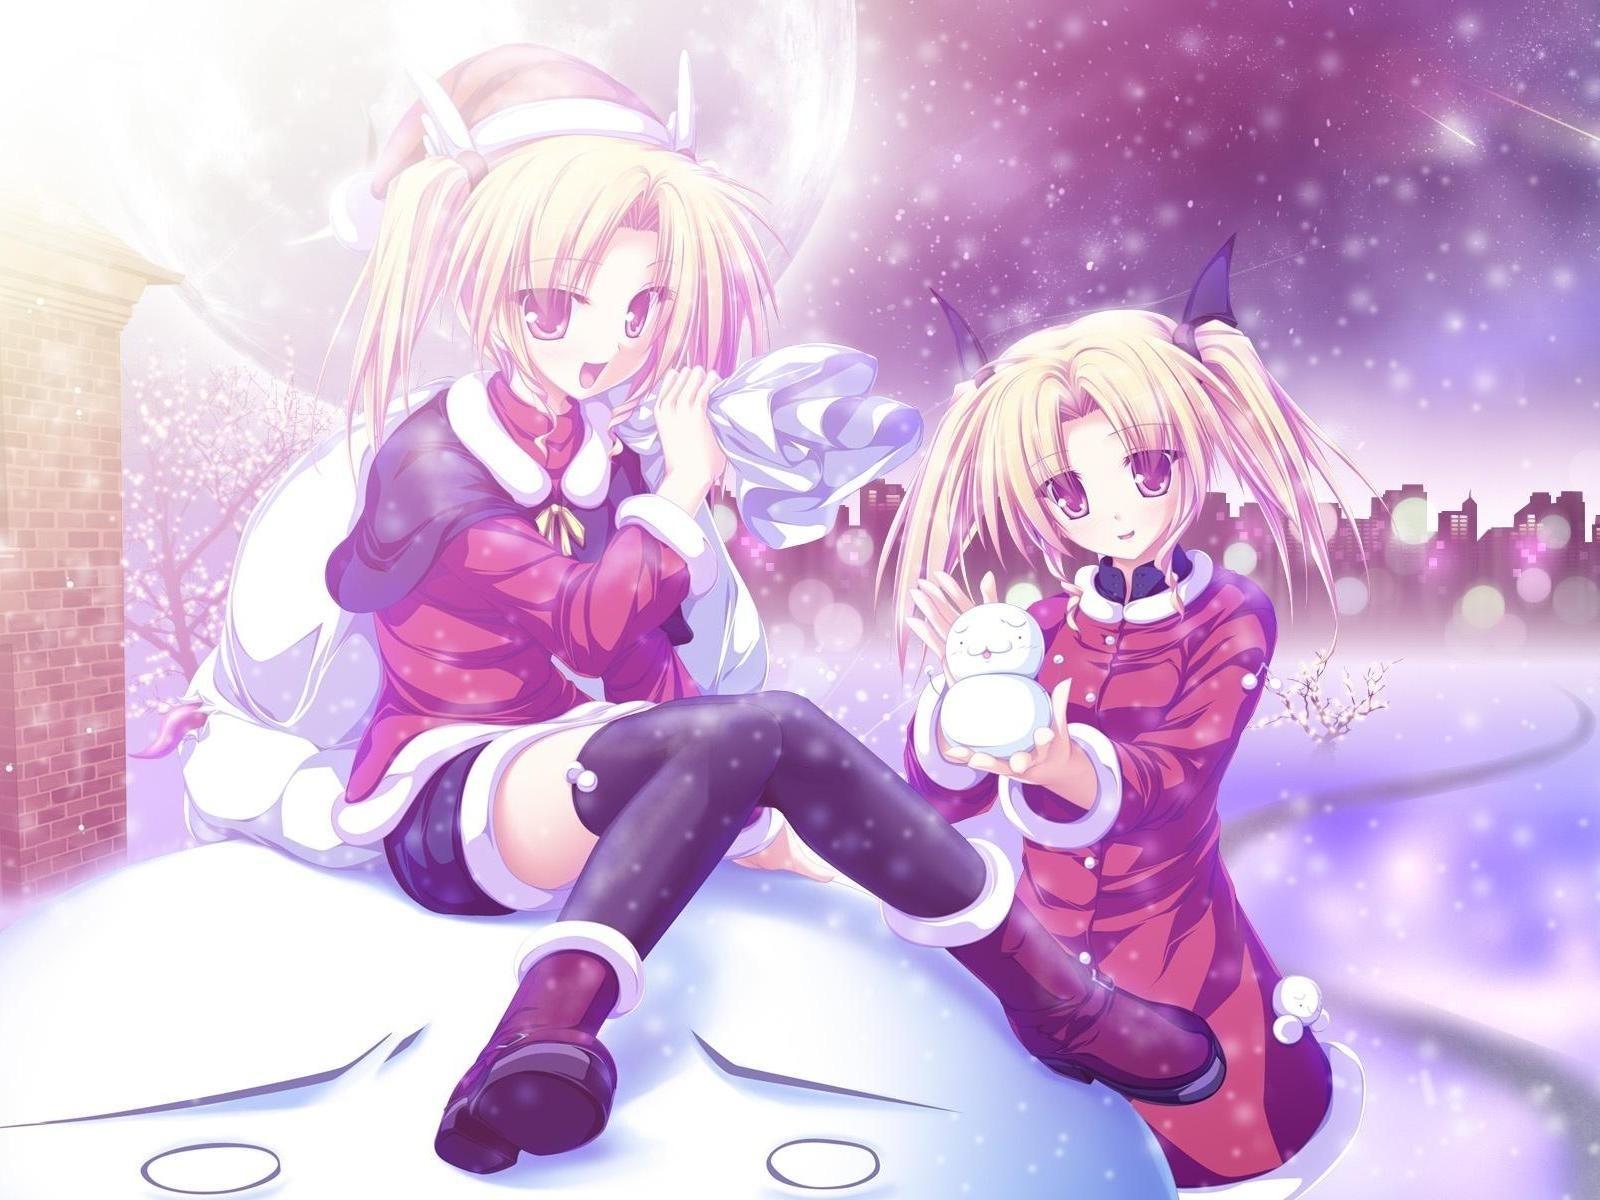 Скачать обои фото картинку на тему девушки, зима, снег, новый год